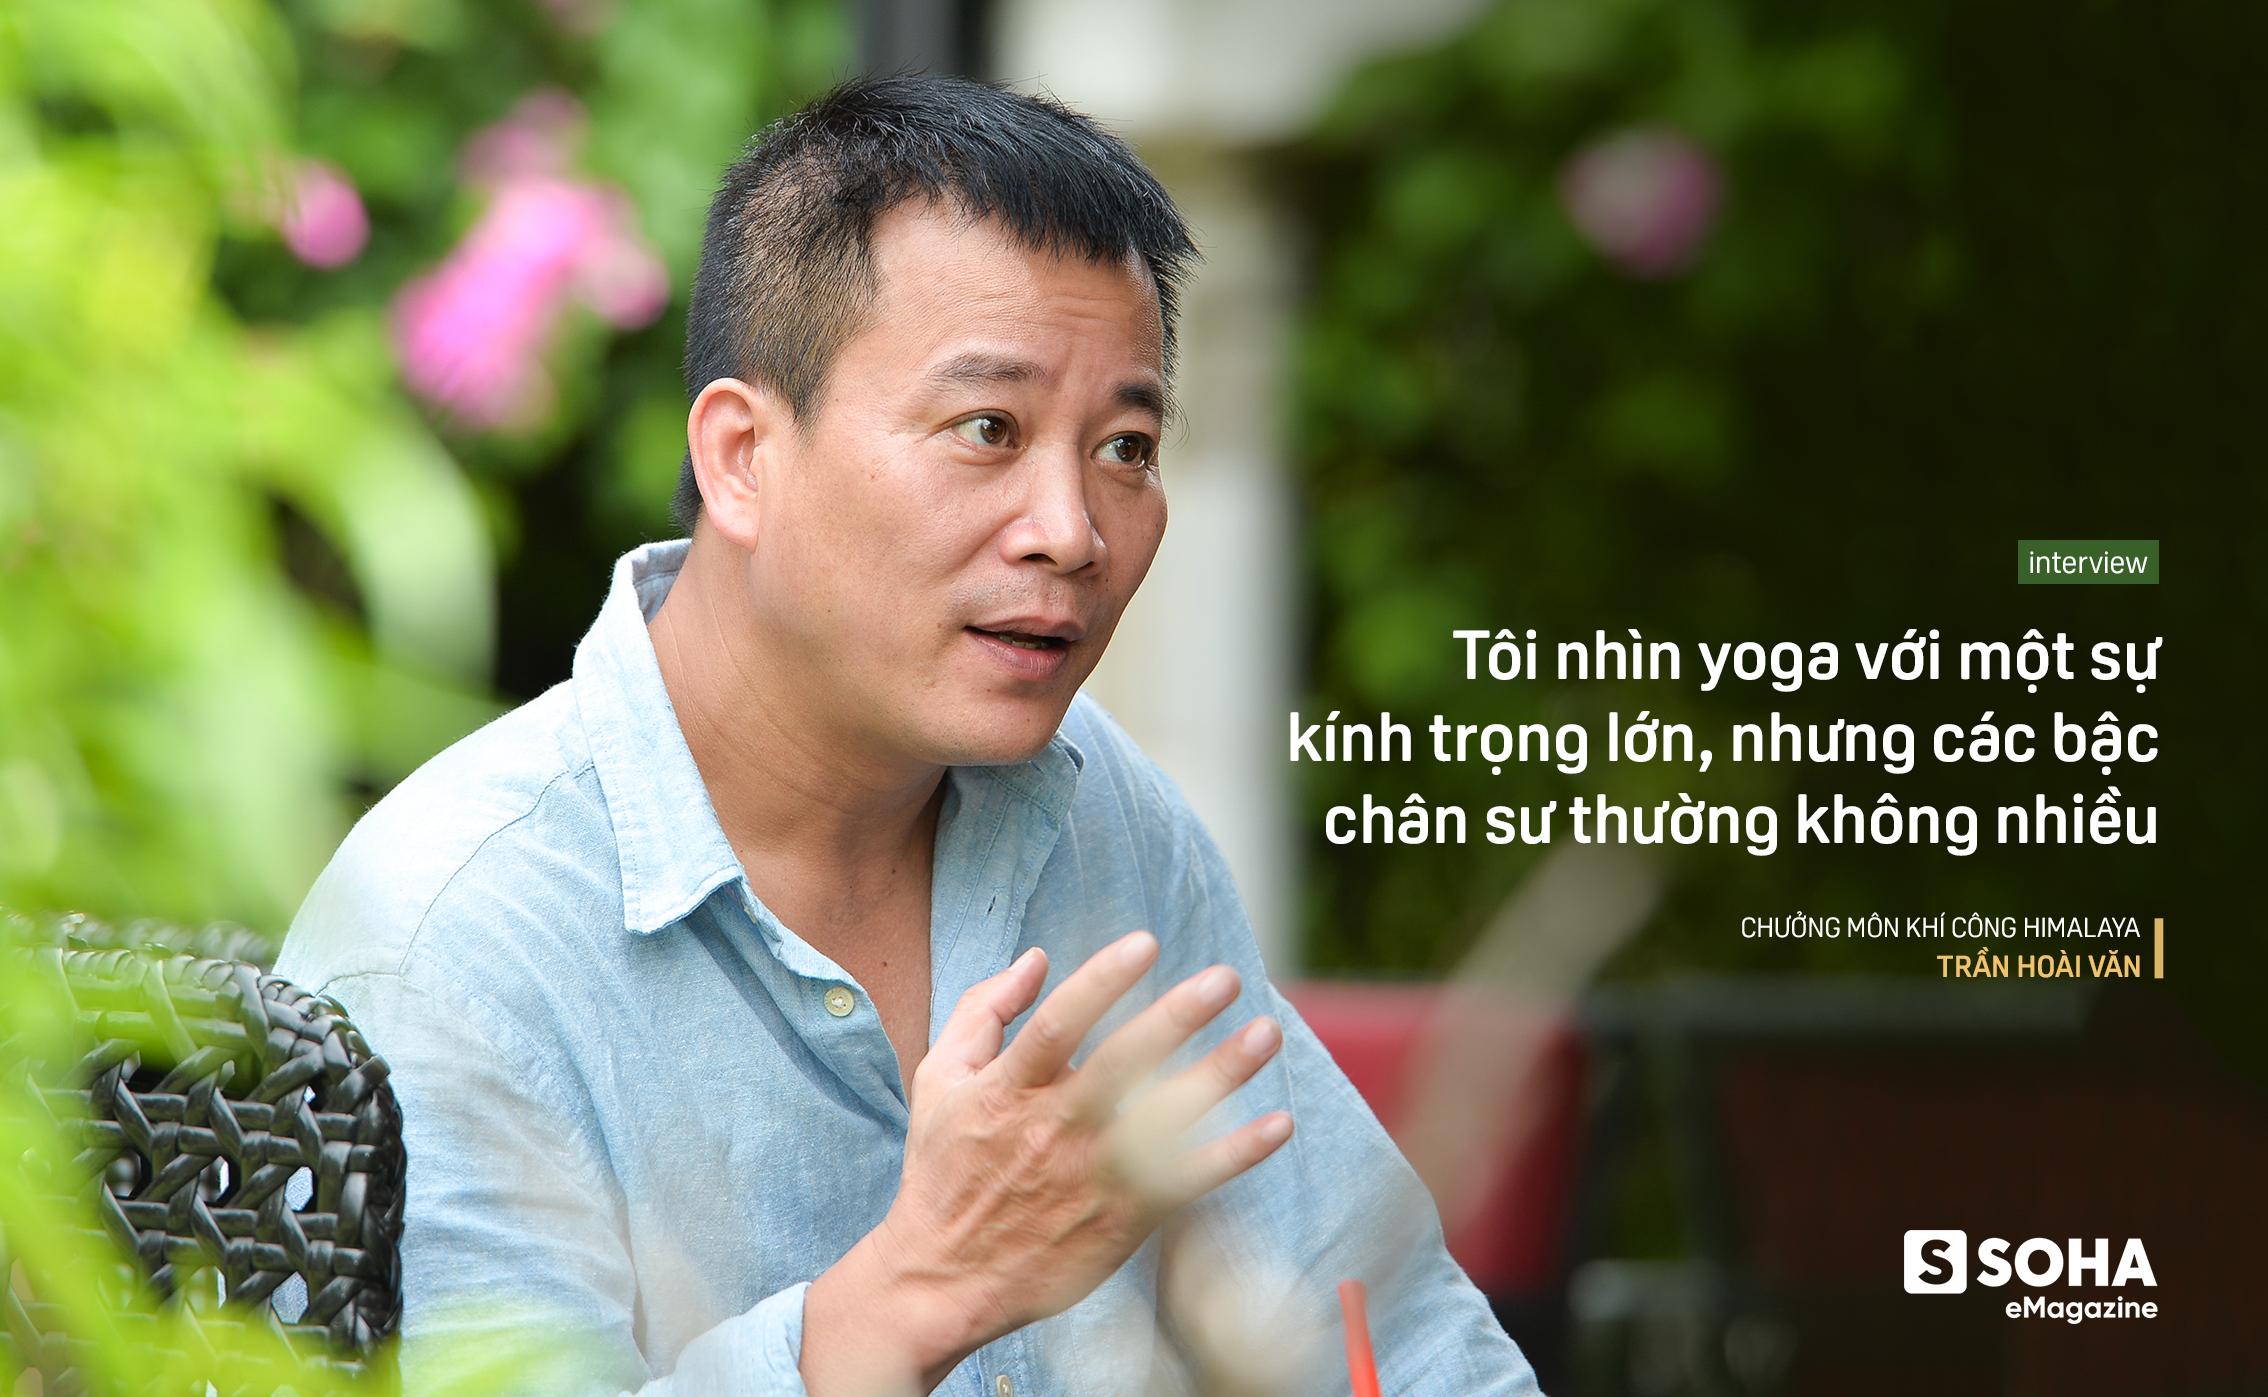 Chưởng môn Khí công Himalaya VN: Một phần không nhỏ đàn ông Việt hùng hục kiếm tiền, nhậu nhẹt vô độ để mua chỗ trên… giường bệnh - Ảnh 23.